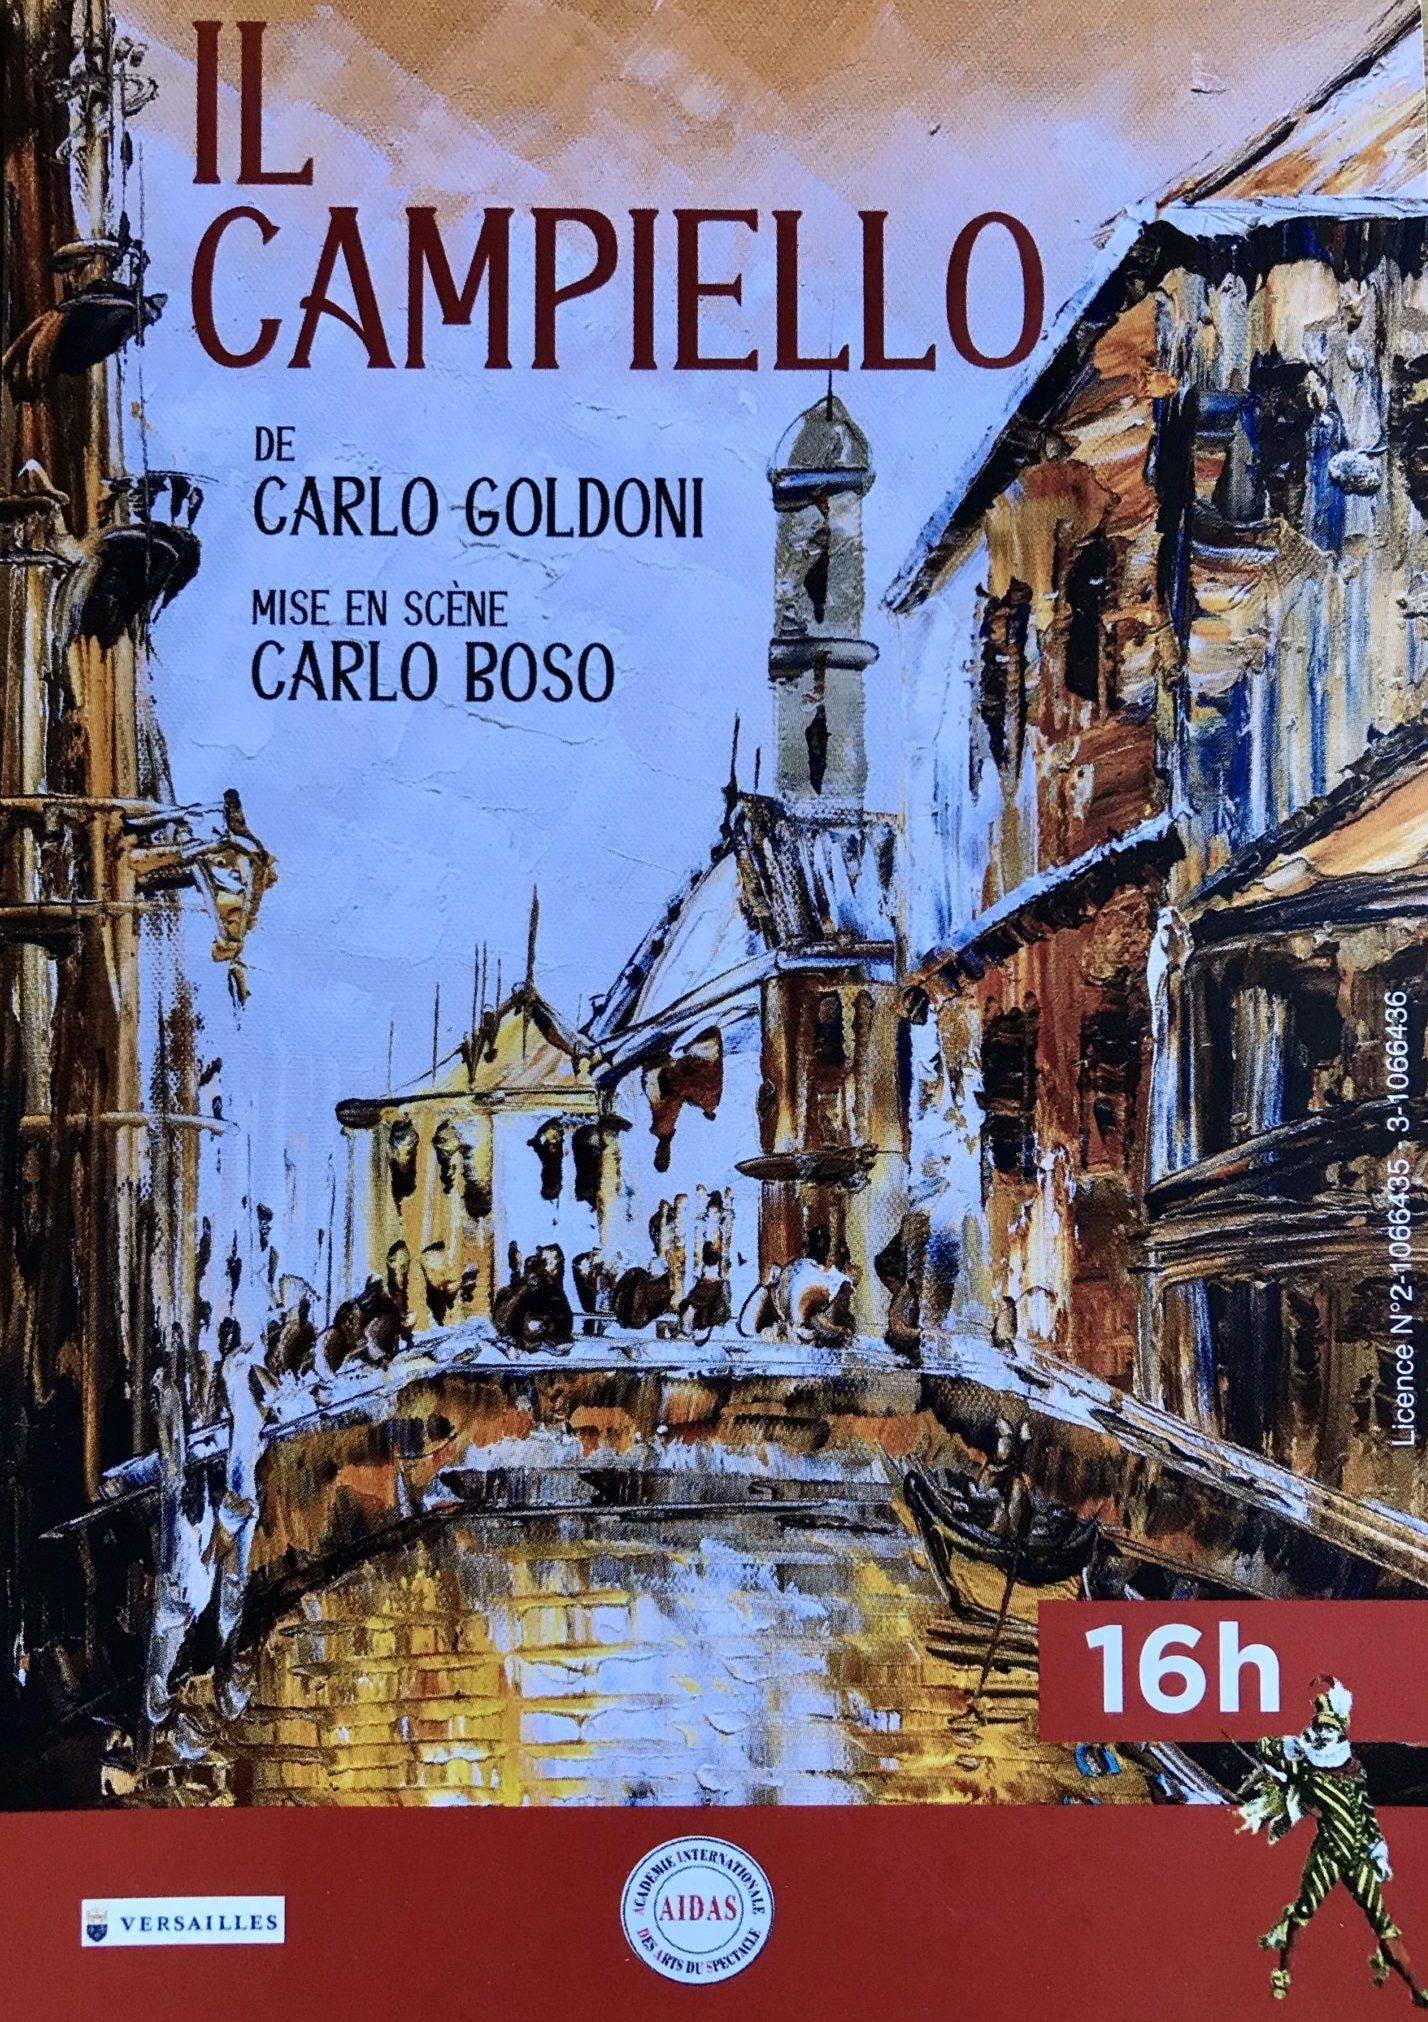 Il Campiello de Carlo Goldoni mise en scène de Carlo Boso